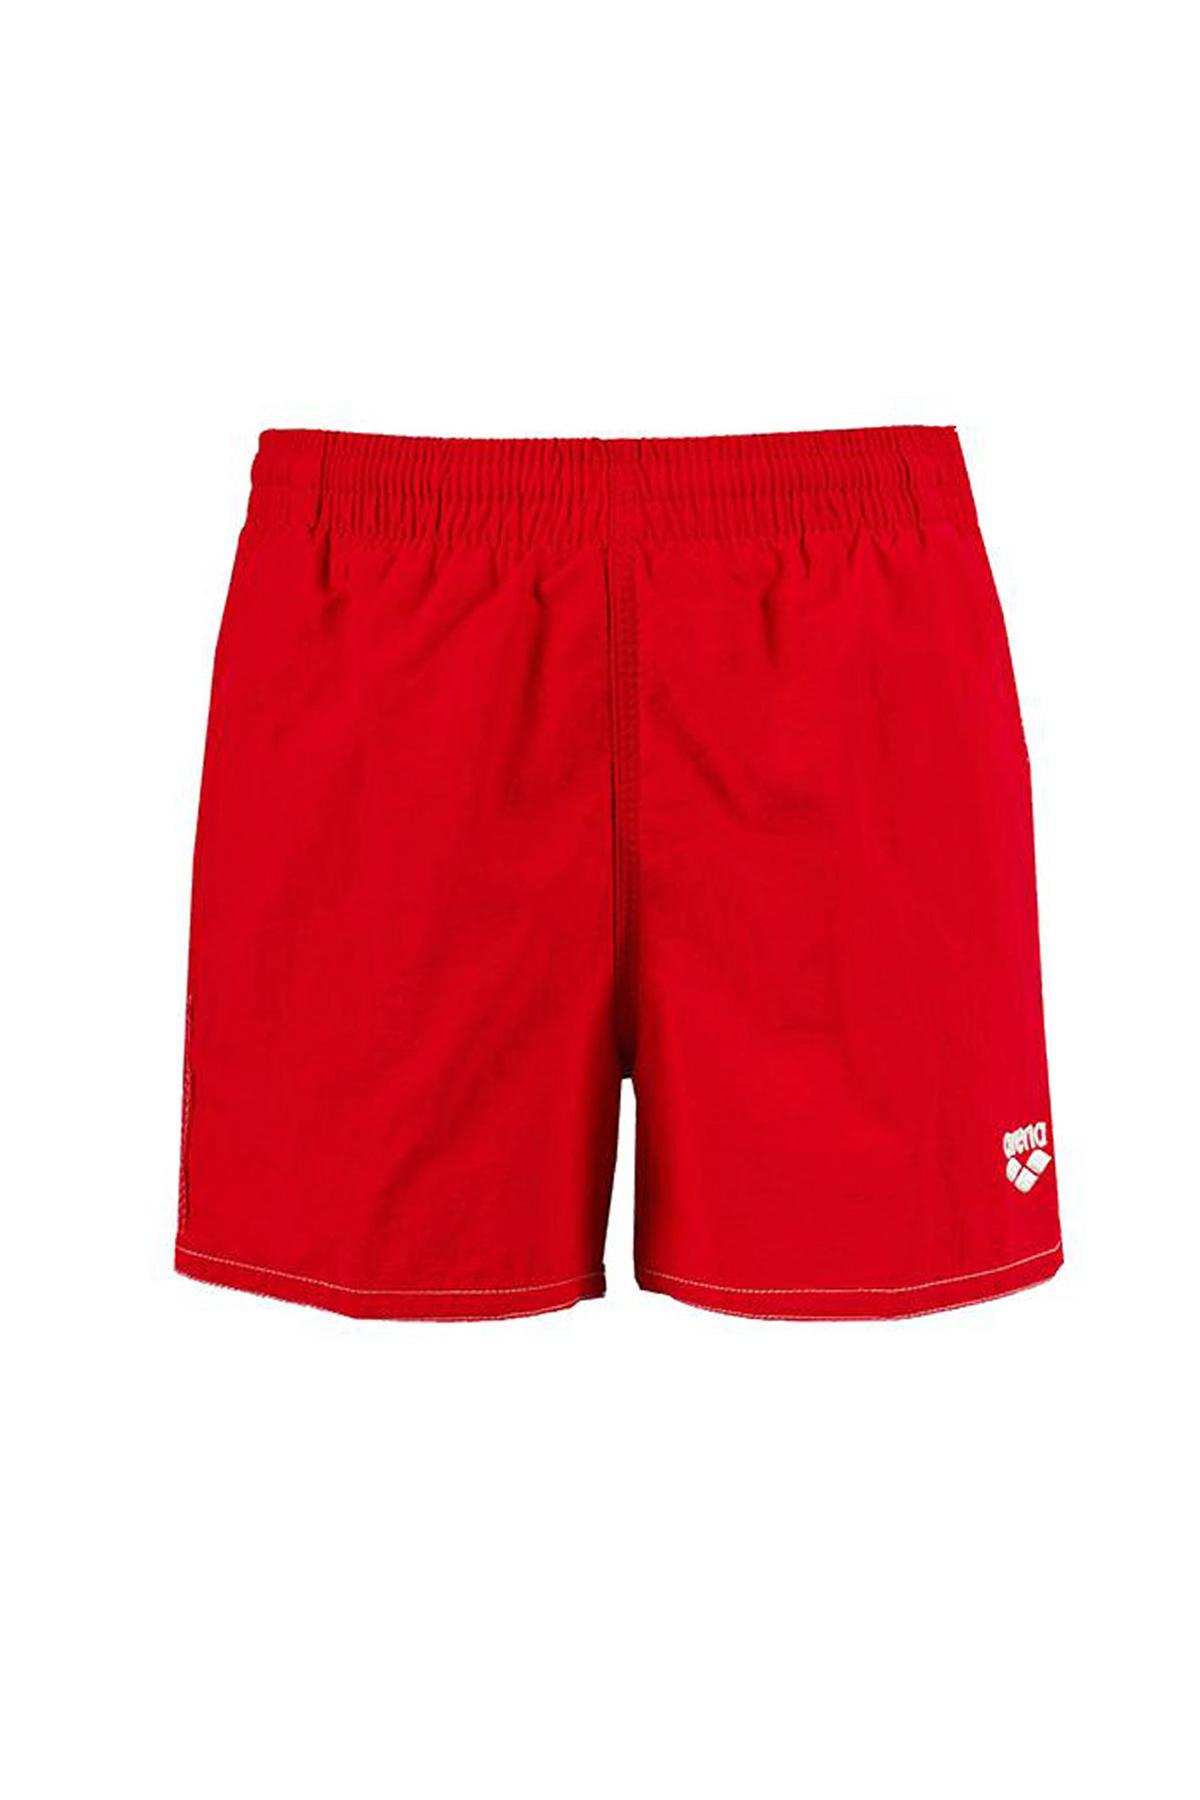 Arena Bywayx Youth Çocuk Yüzücü Şortu Kırmızı  (4127641)